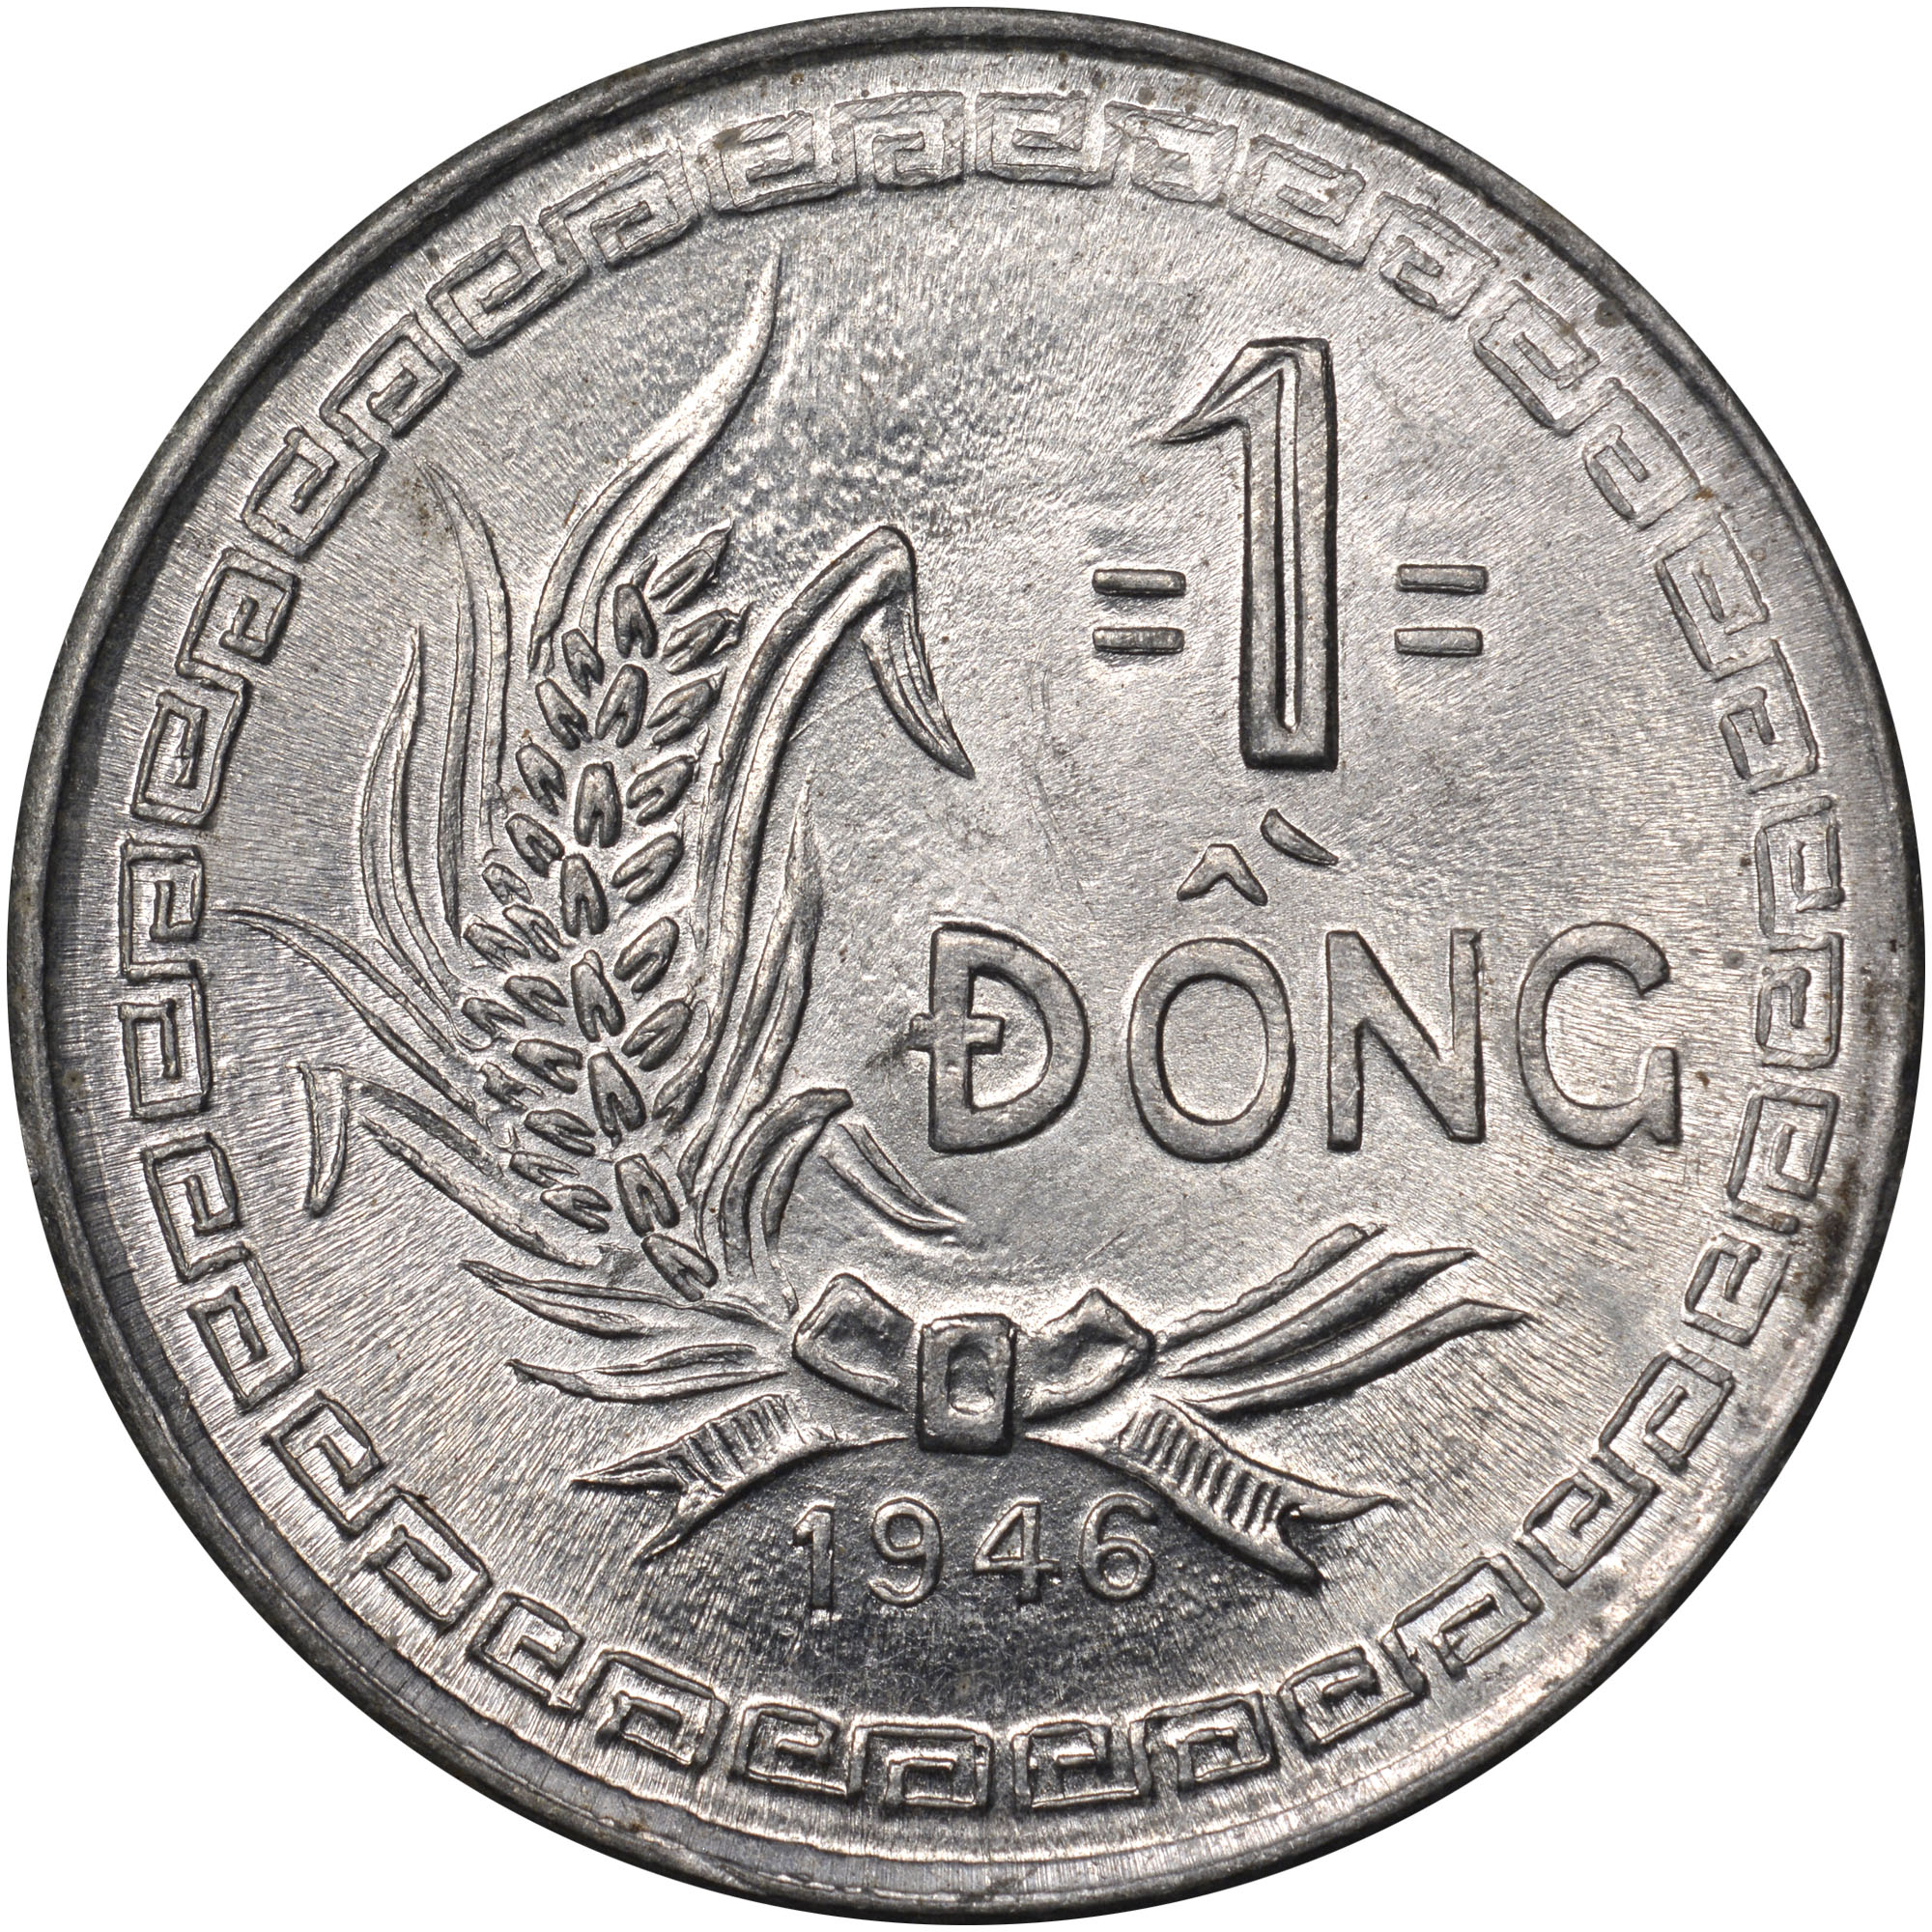 Viet Nam Dong reverse